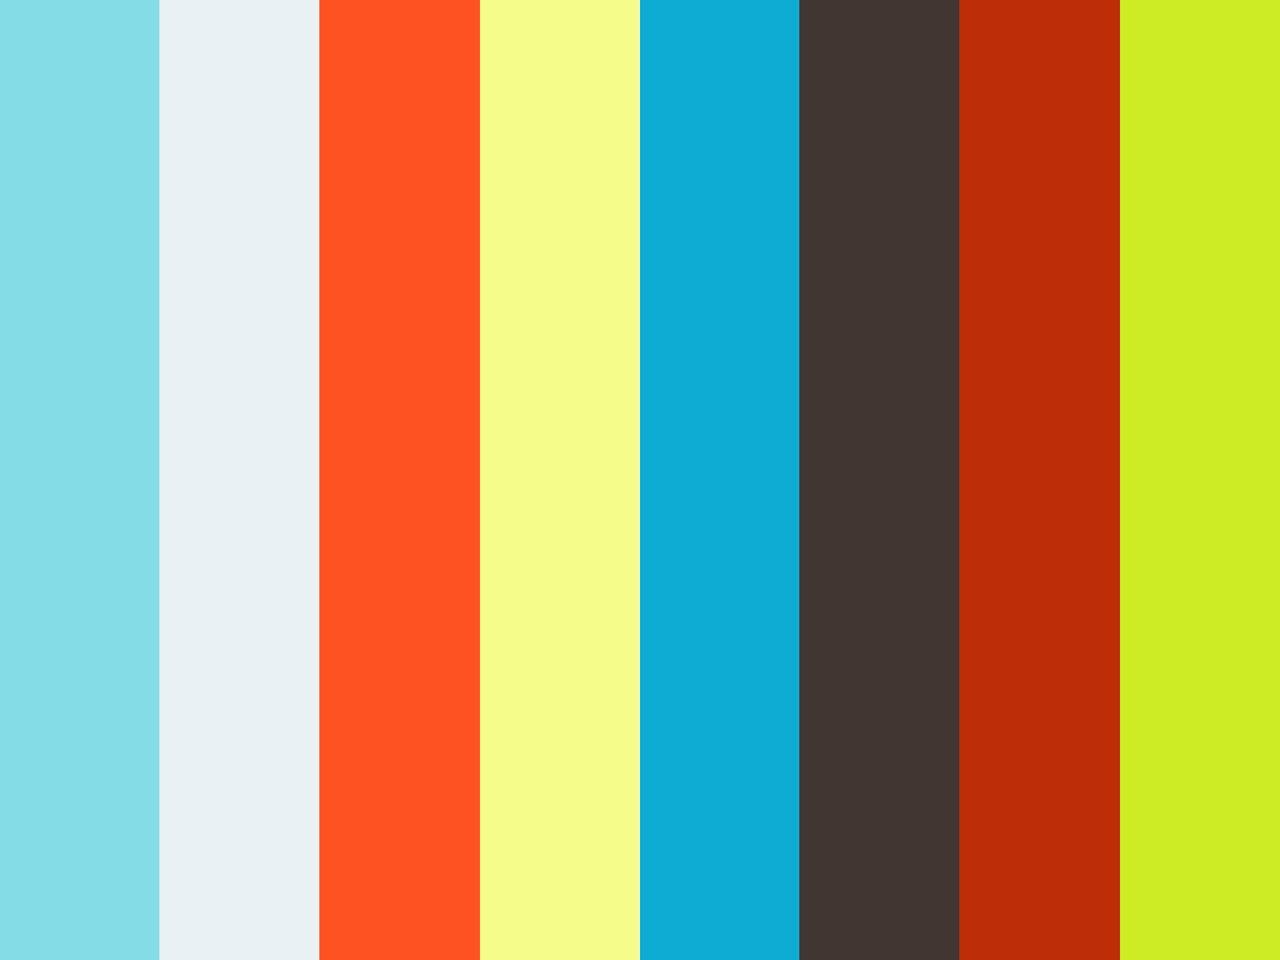 Промо ролик о Сочи- Встречаемся в Сочи- Первый канал